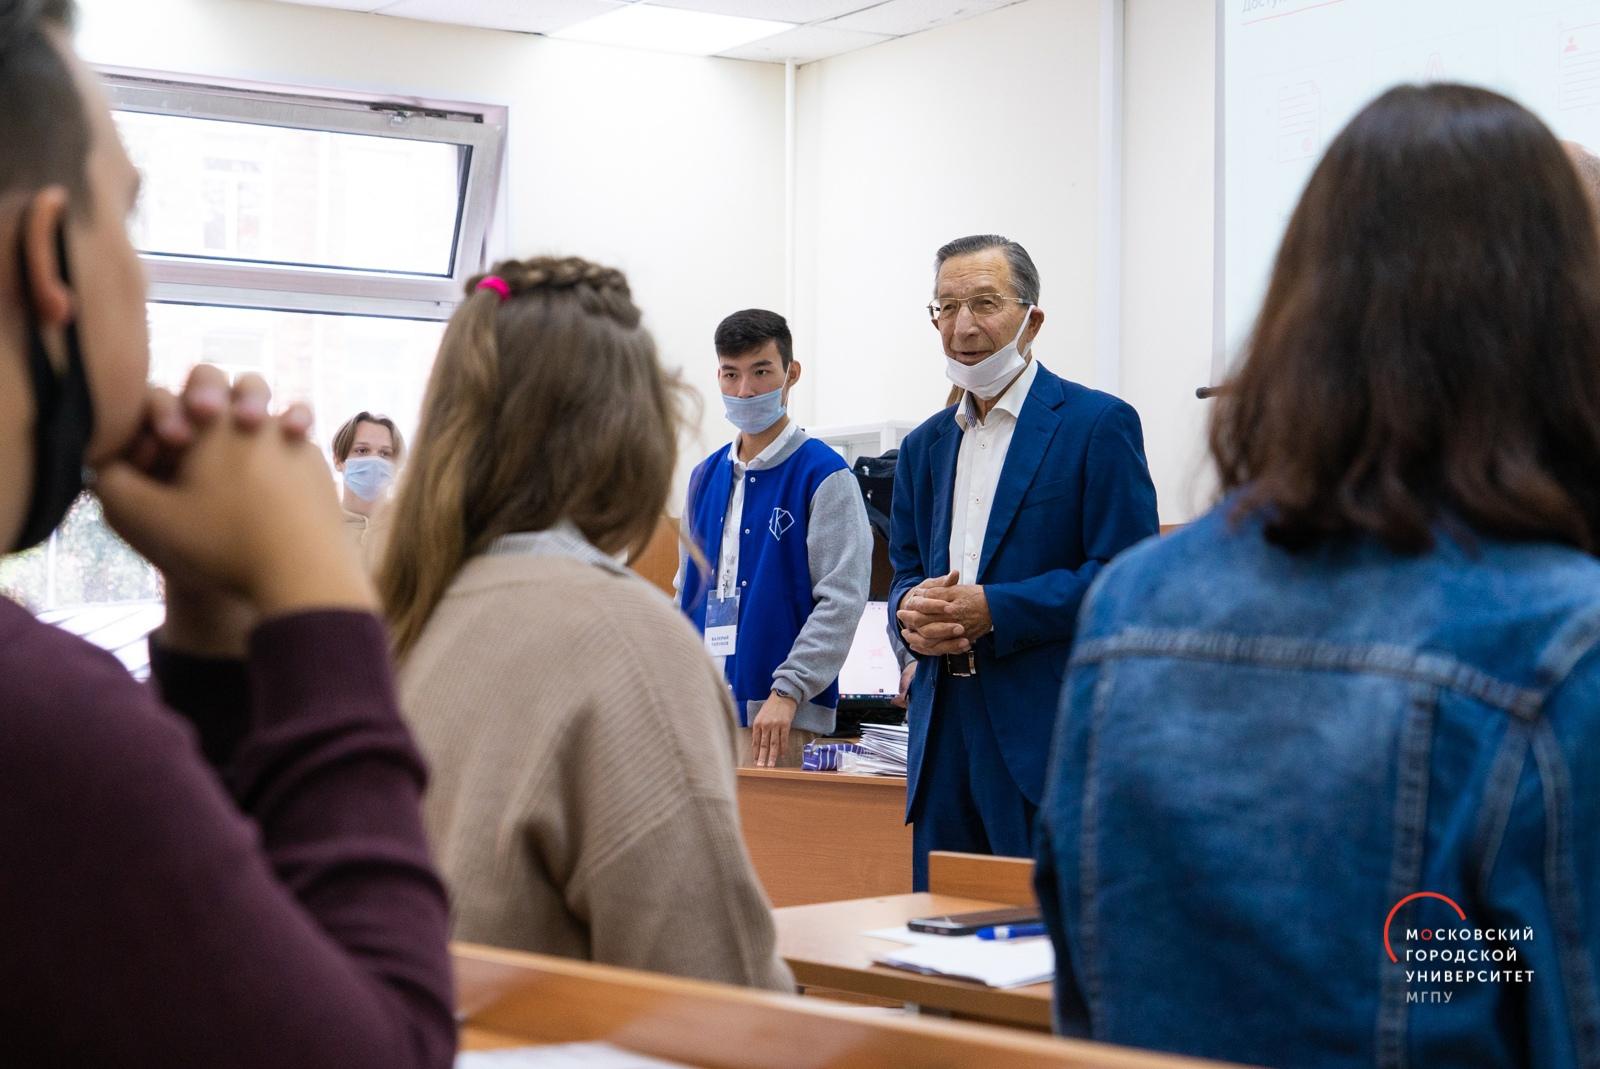 Президент Московского городского поздравил студентов с1сентября